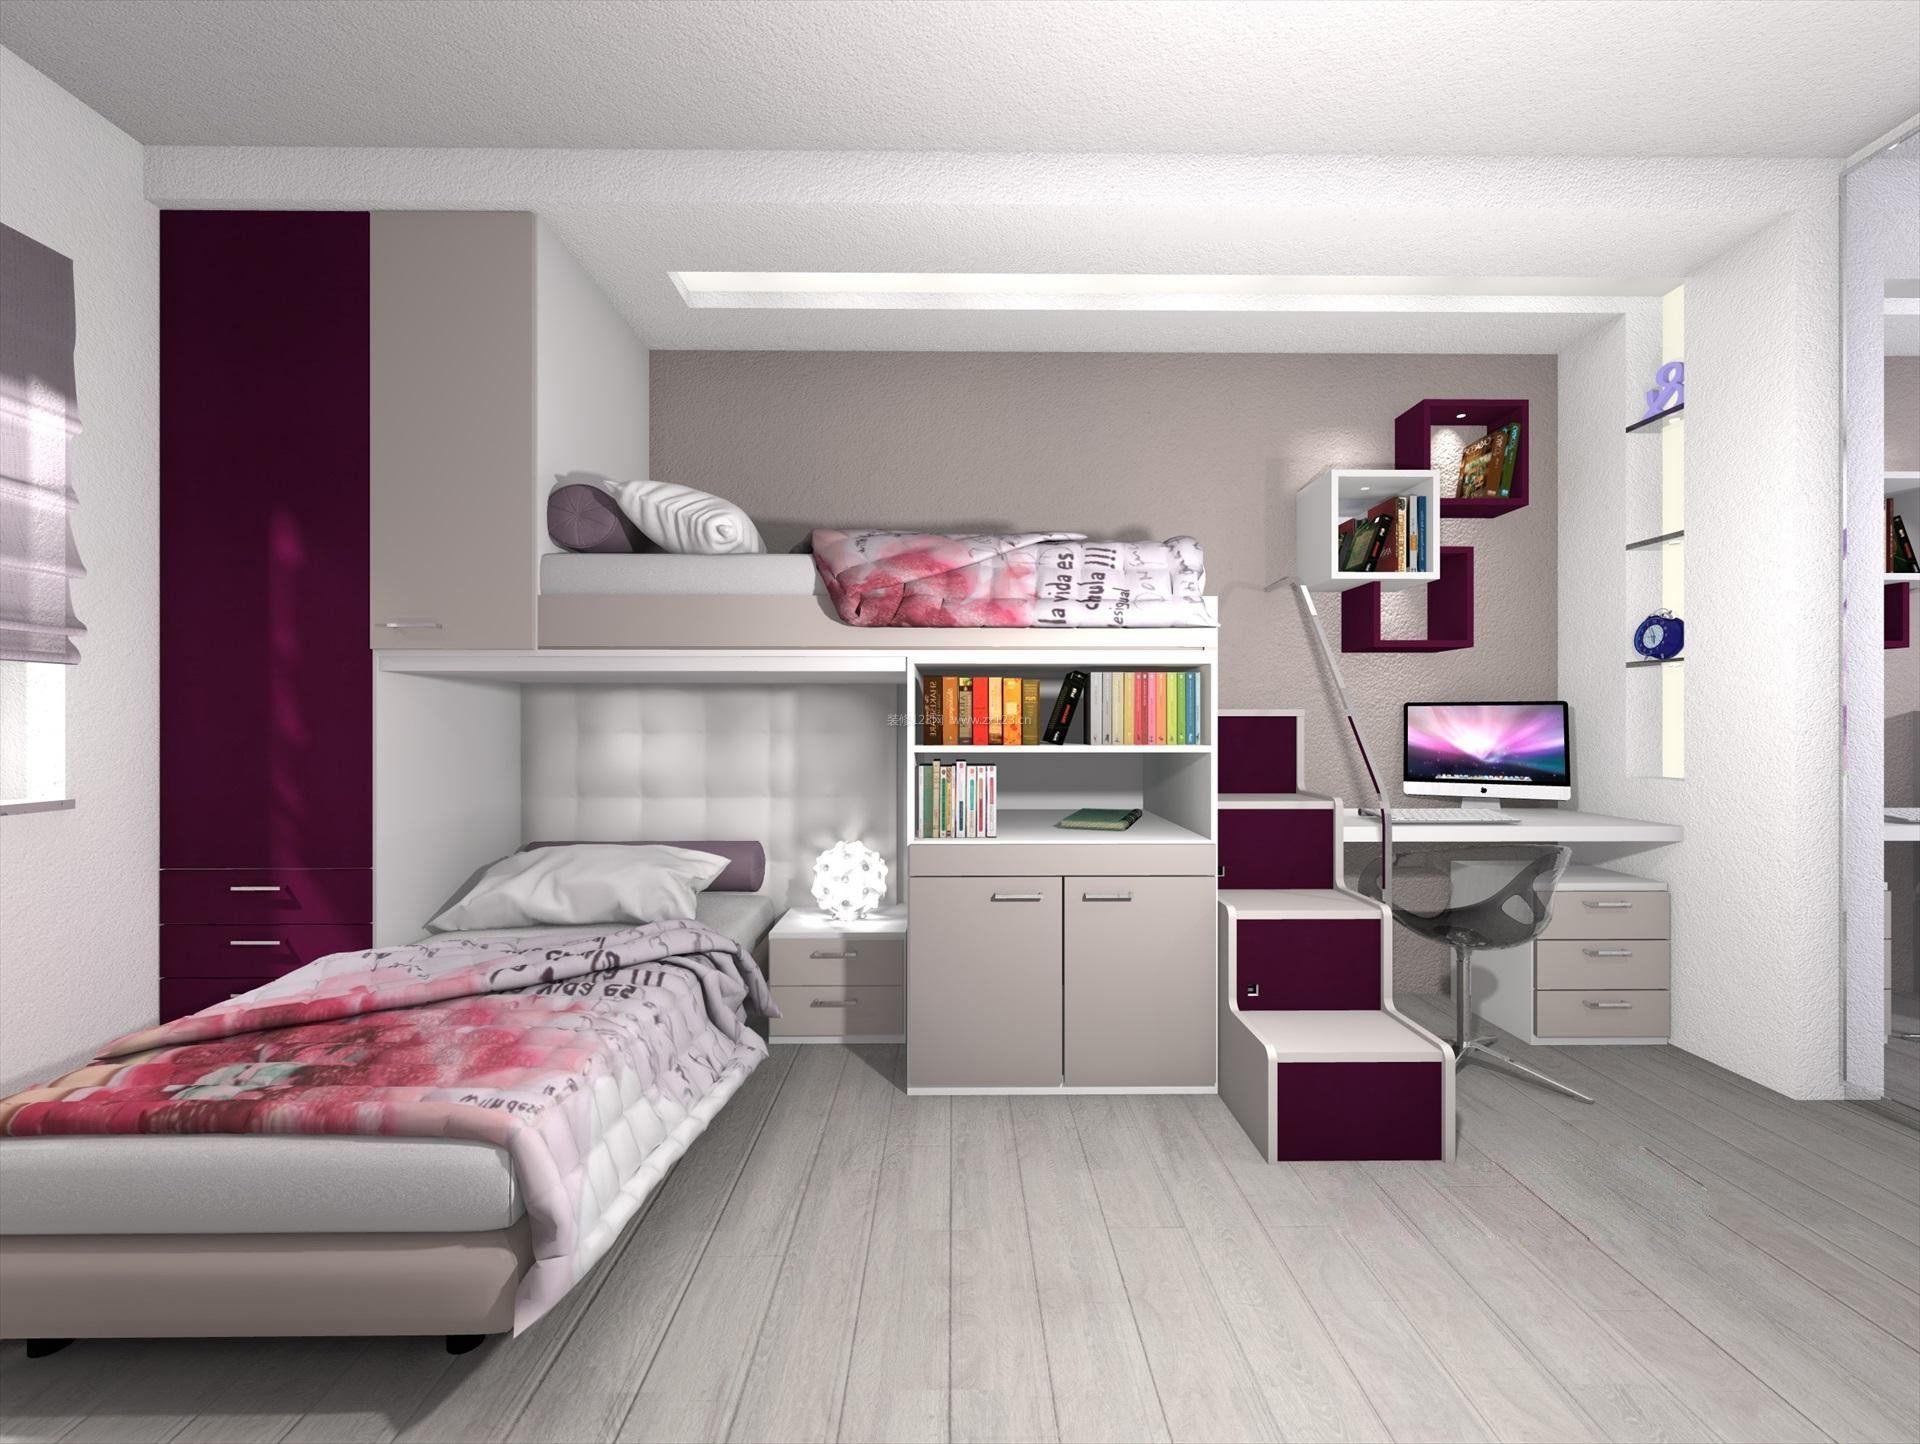 家居双层床有什么优点 家居双层床的价格